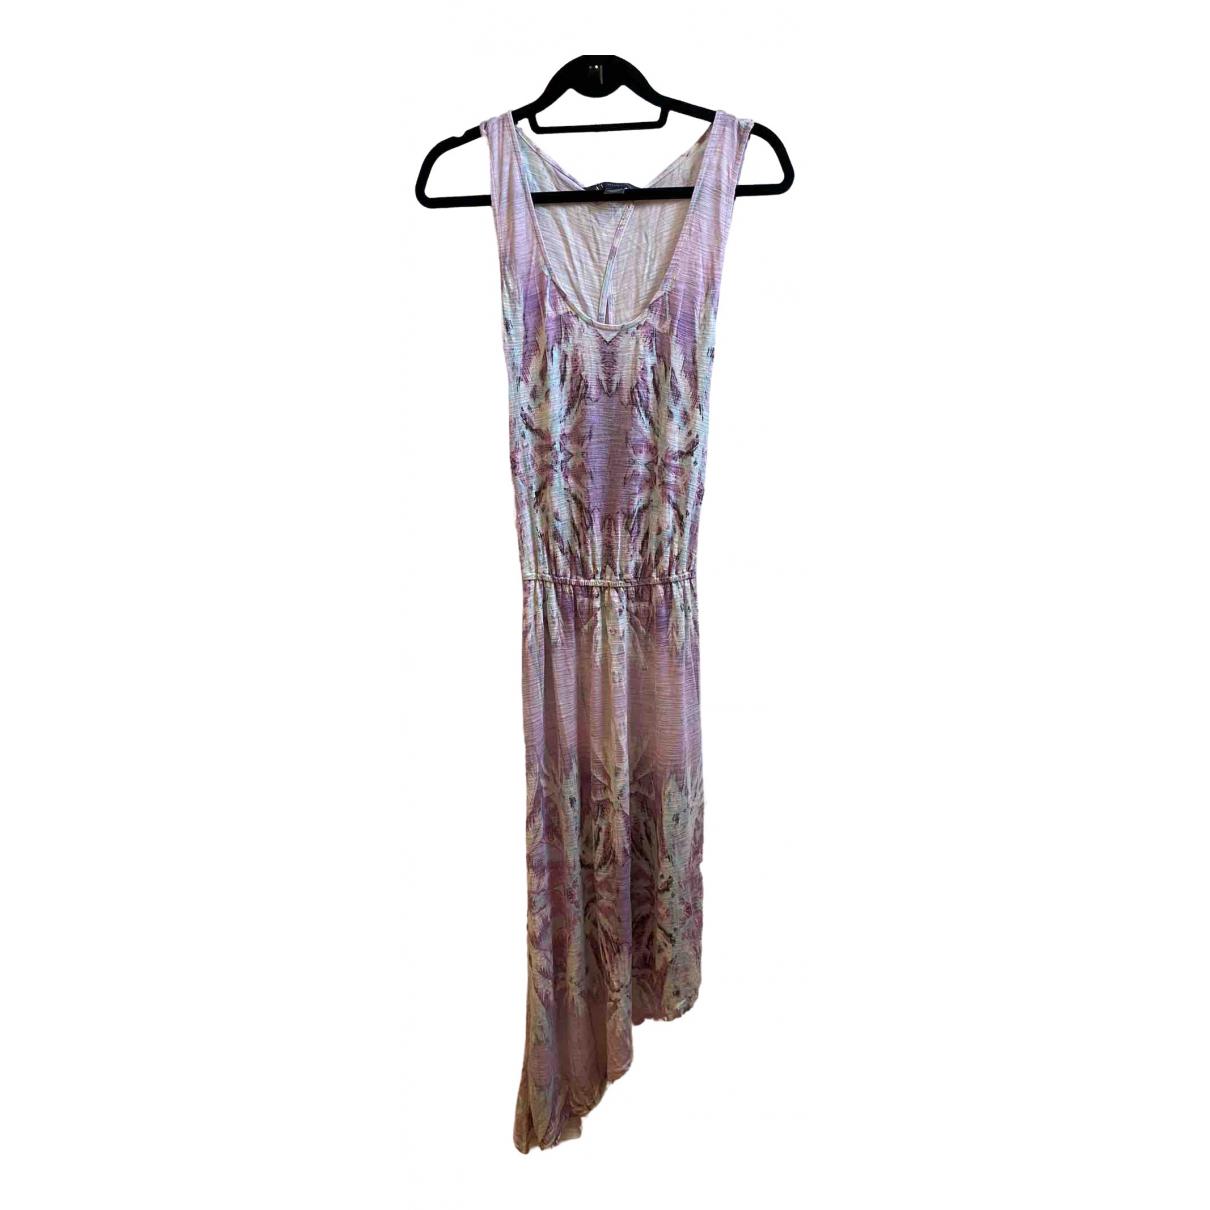 Emporio Armani \N Kleid in  Rosa Baumwolle - Elasthan